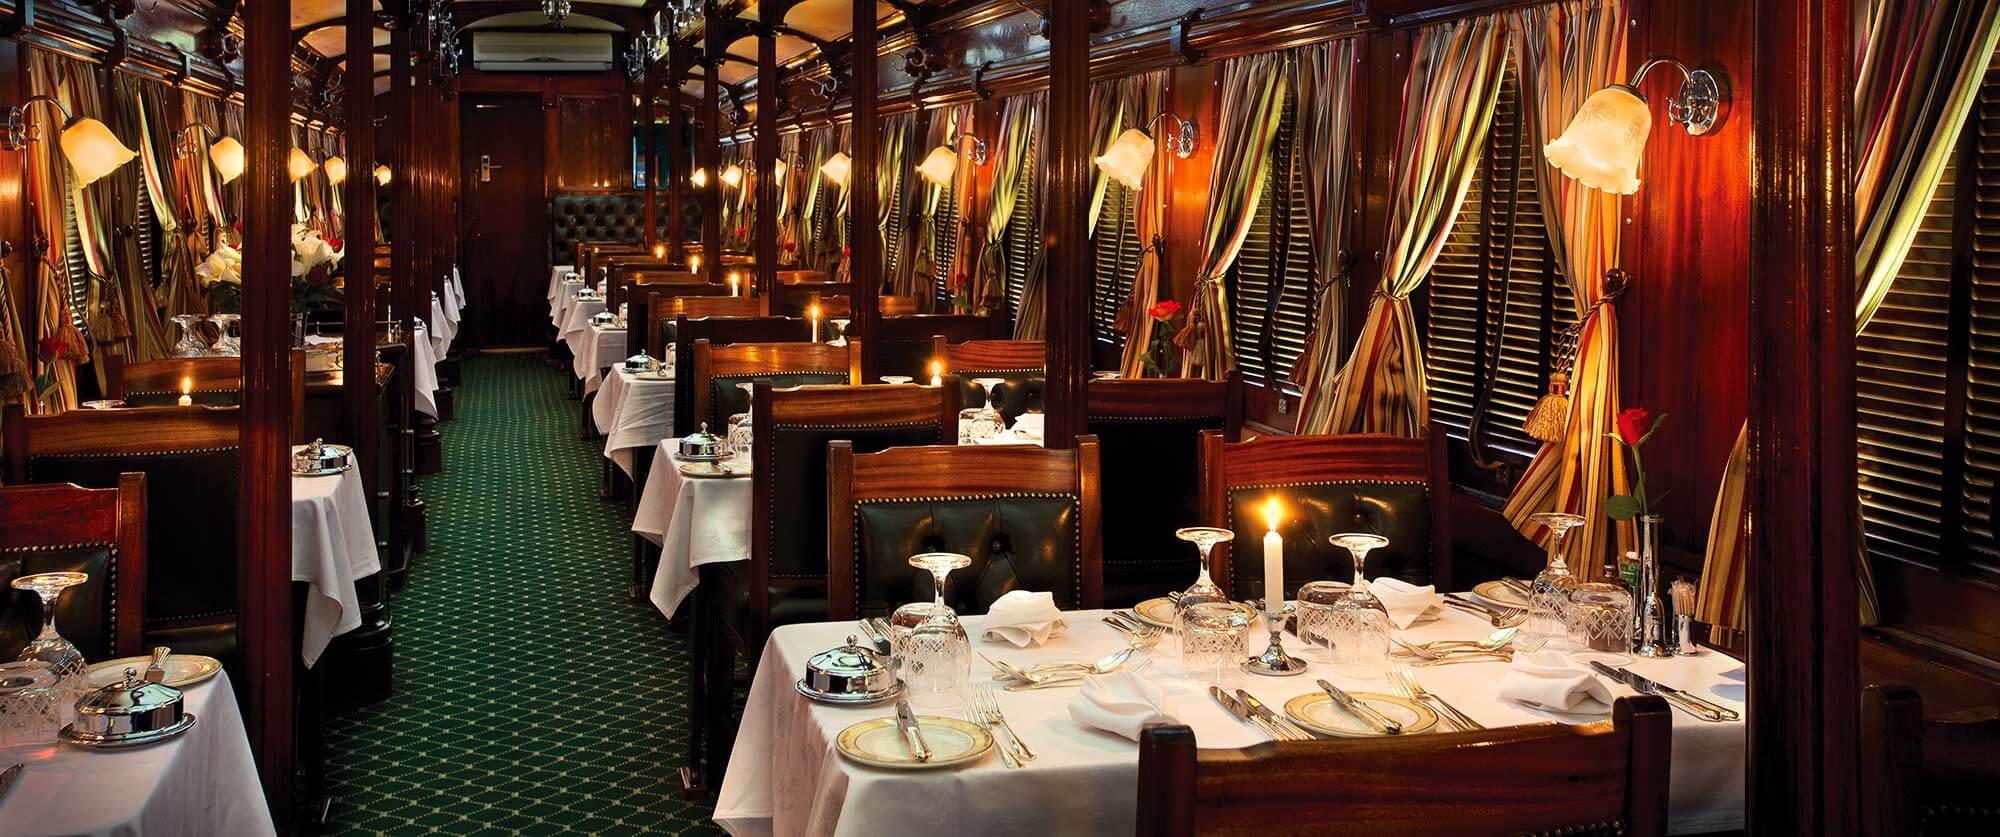 Rovos Rail Dining Car - Rovos Rail Golf Safari South Africa